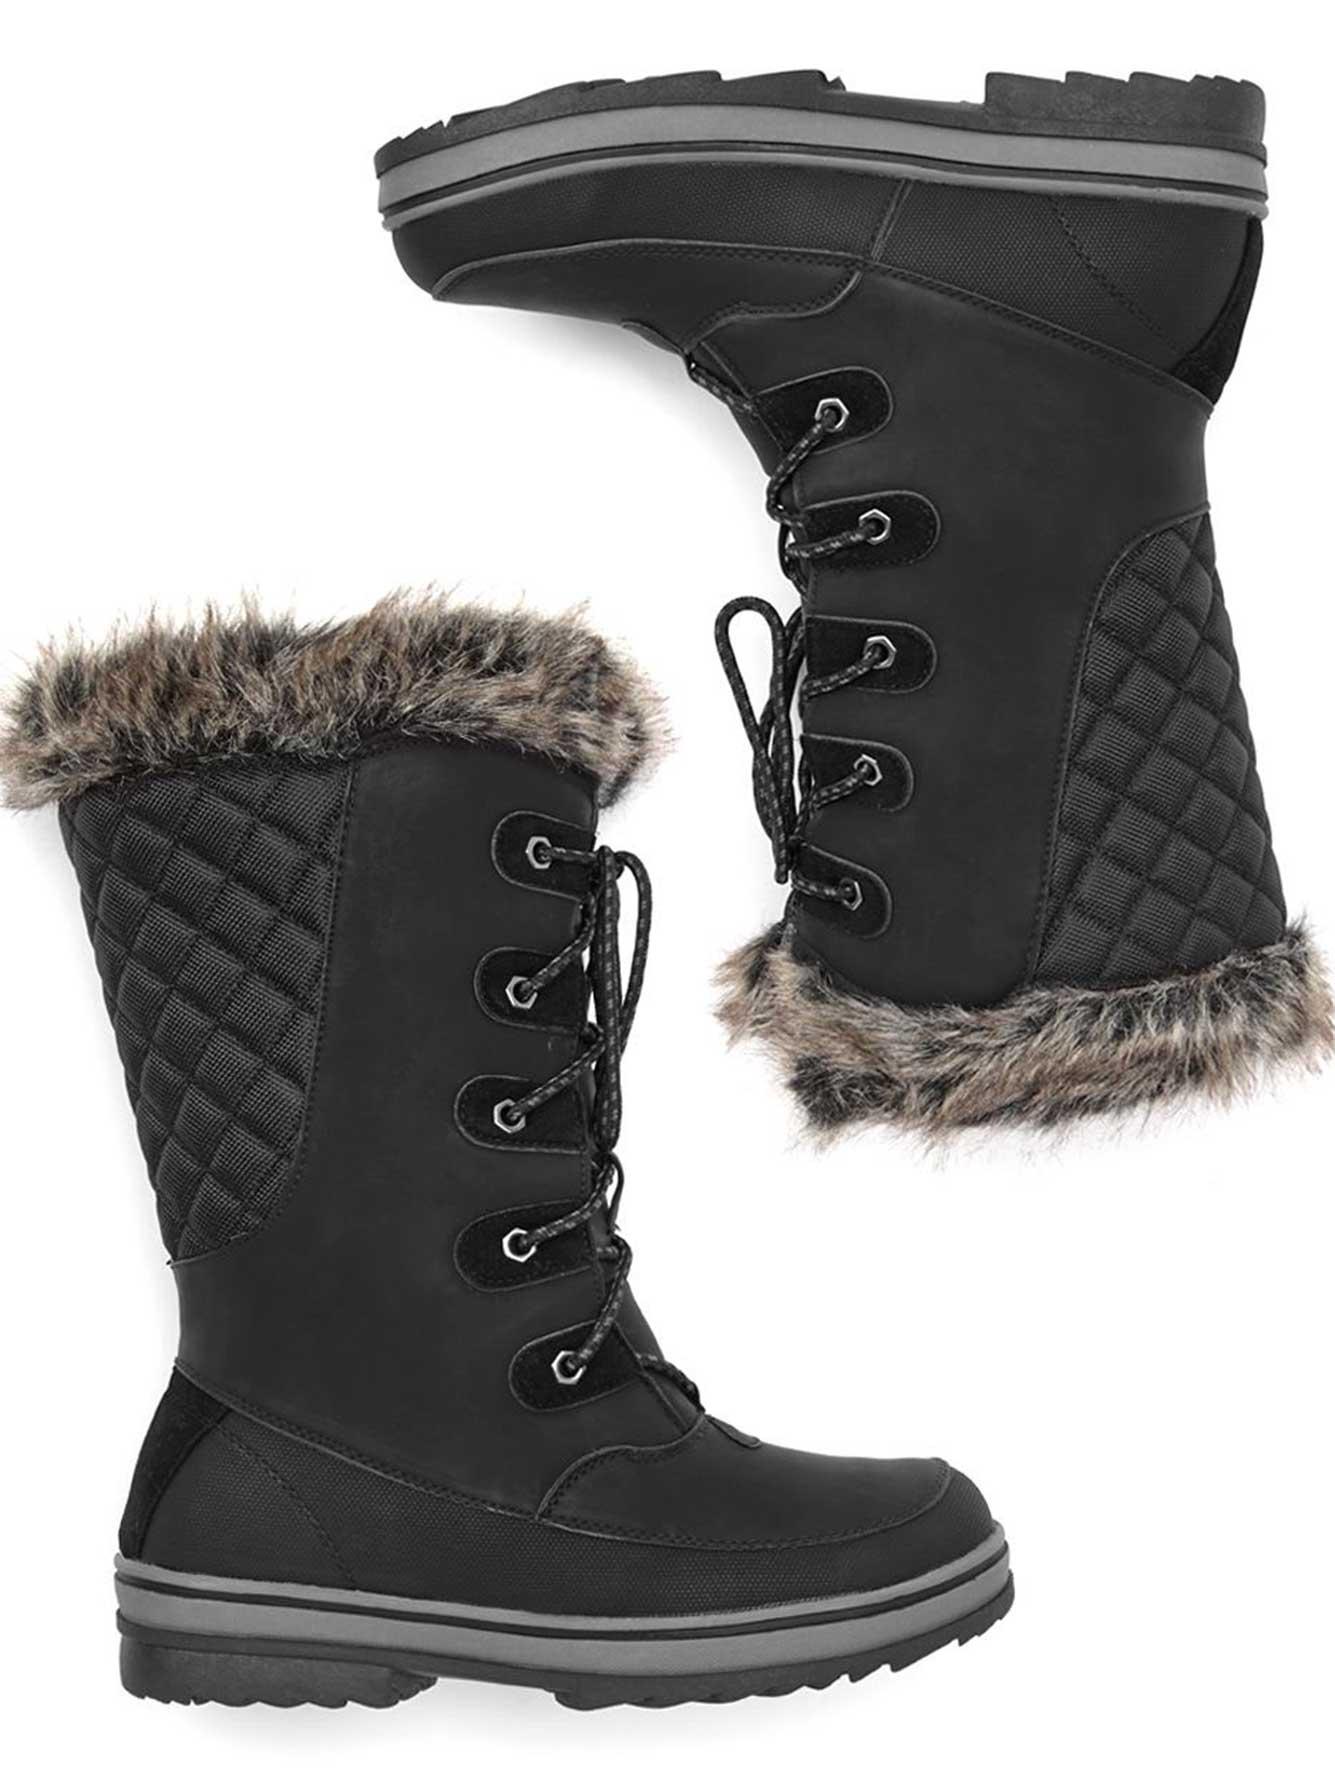 7ecead4ee5 Bottes d'hiver à fausse fourrure, pieds larges